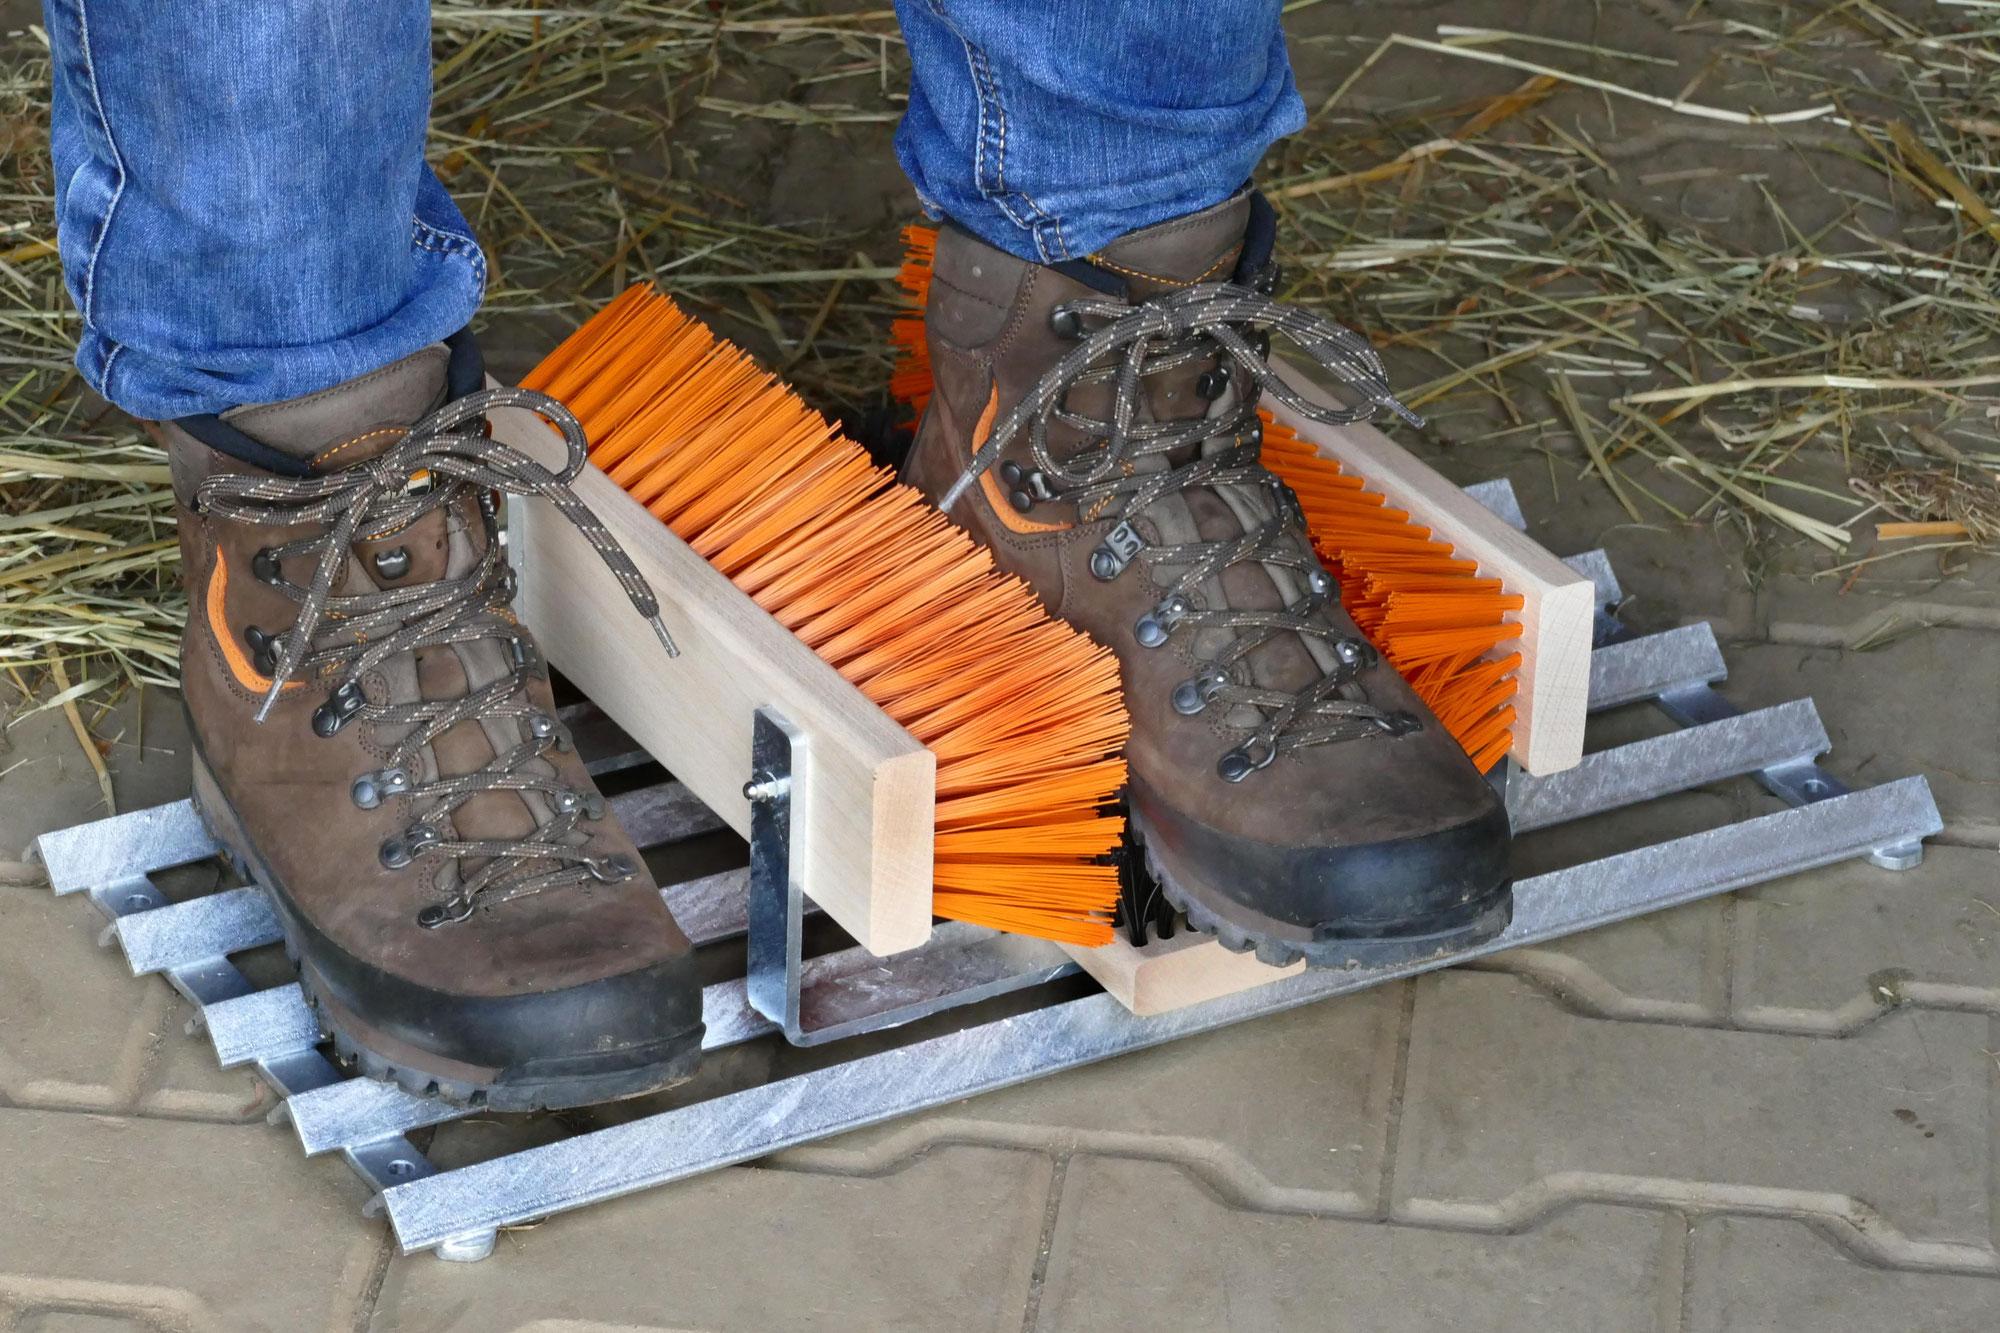 Reinigungsgeräte für Schuhe und Stiefel > Fußabtreter Fußabstreifer Stiefelreiniger für draußen